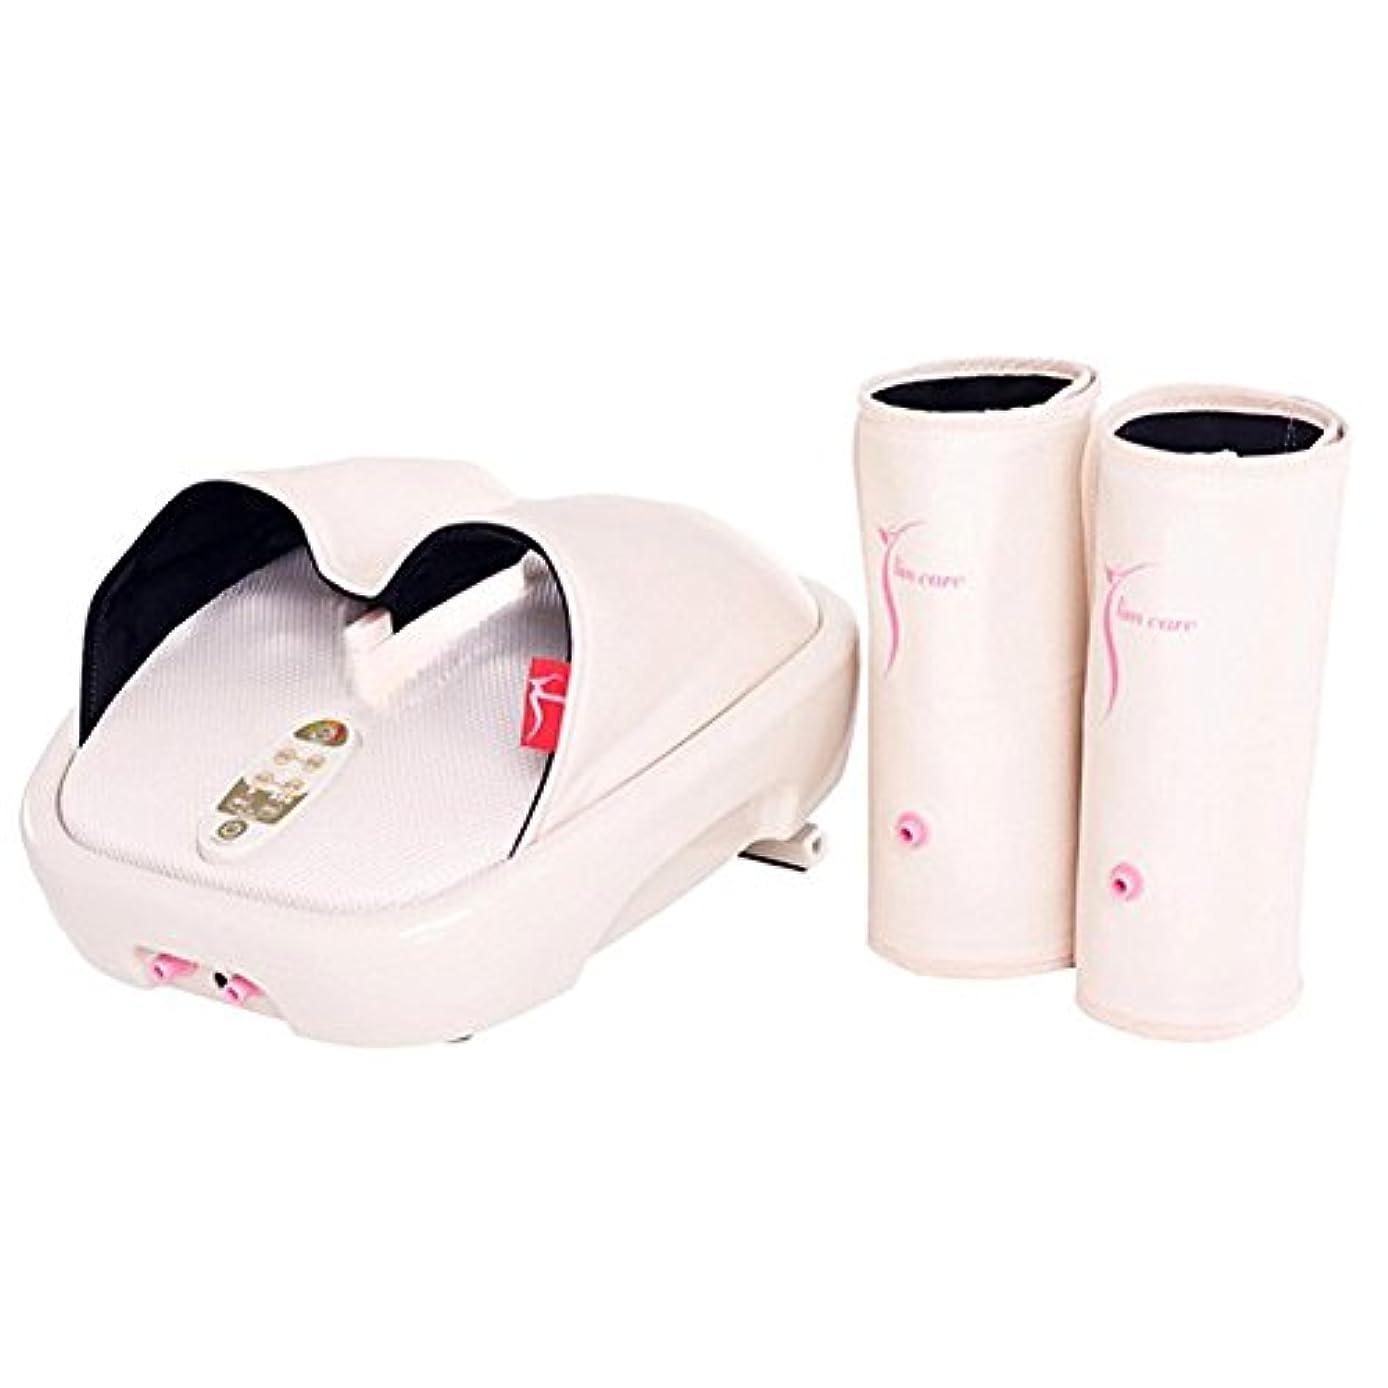 ギネスパワー安らぎHanil 532 Y-Liner HIL-9000F Air Compression Heating Foot Massager with Calf Cuff ハニール532 YライナーHILL-9000Fエアコンプレッションヒートフットマッサージャー...